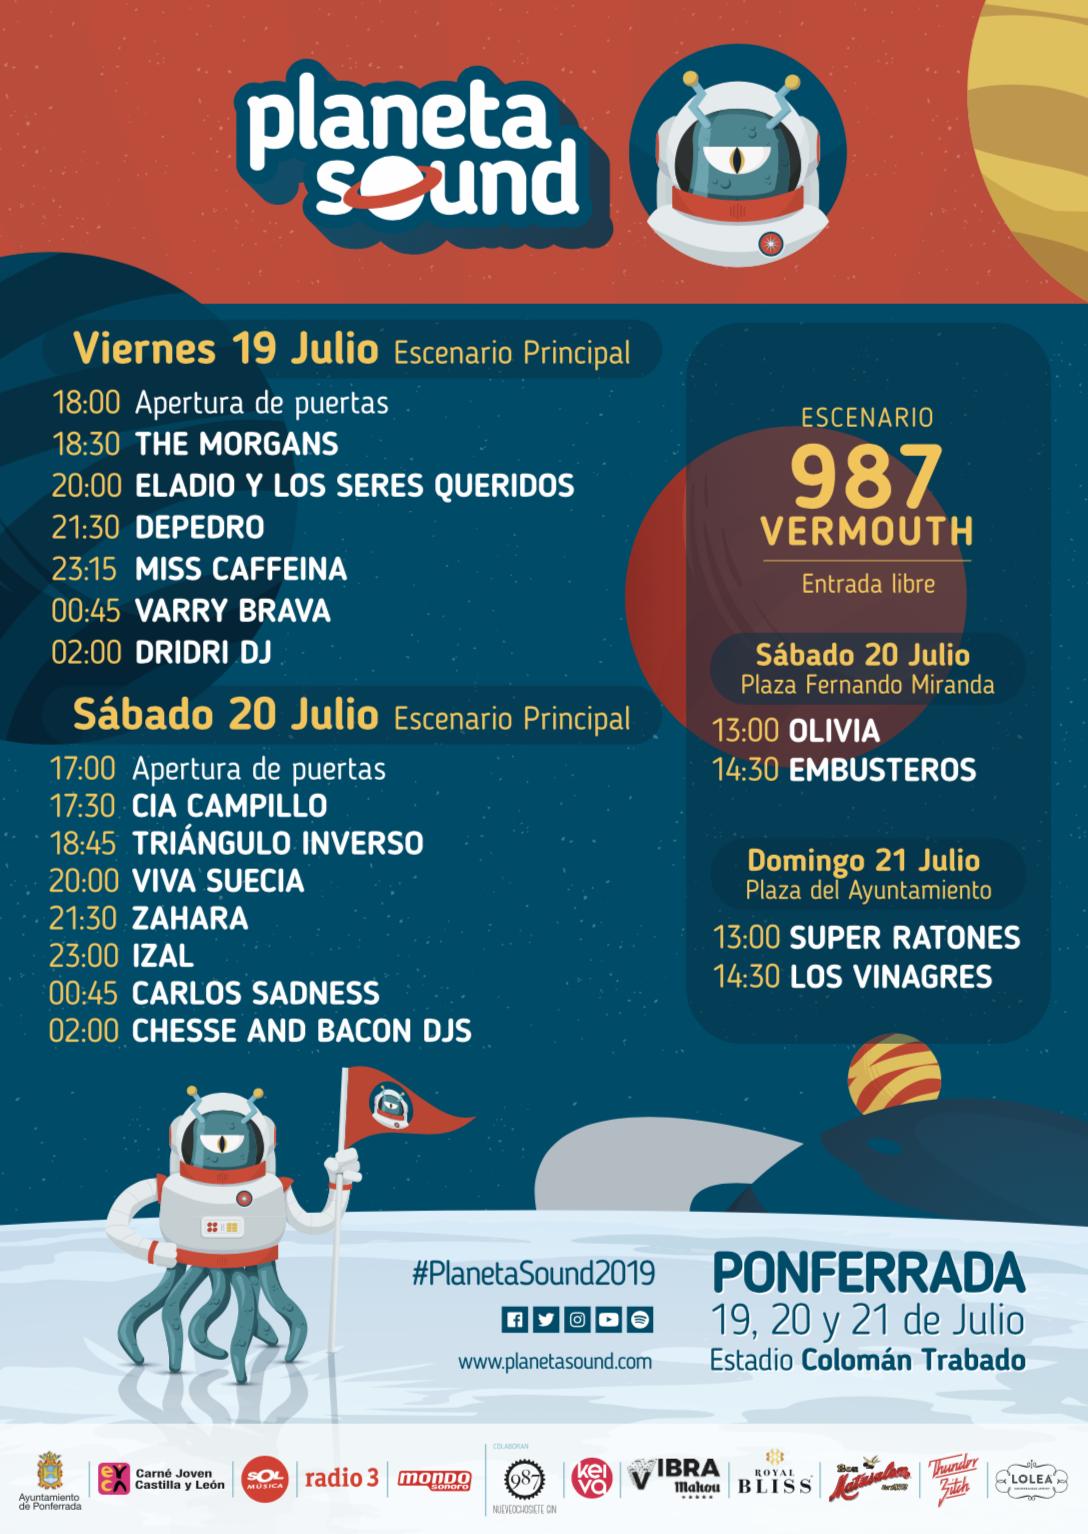 Conoce los horarios del Festival Planeta Sound 2